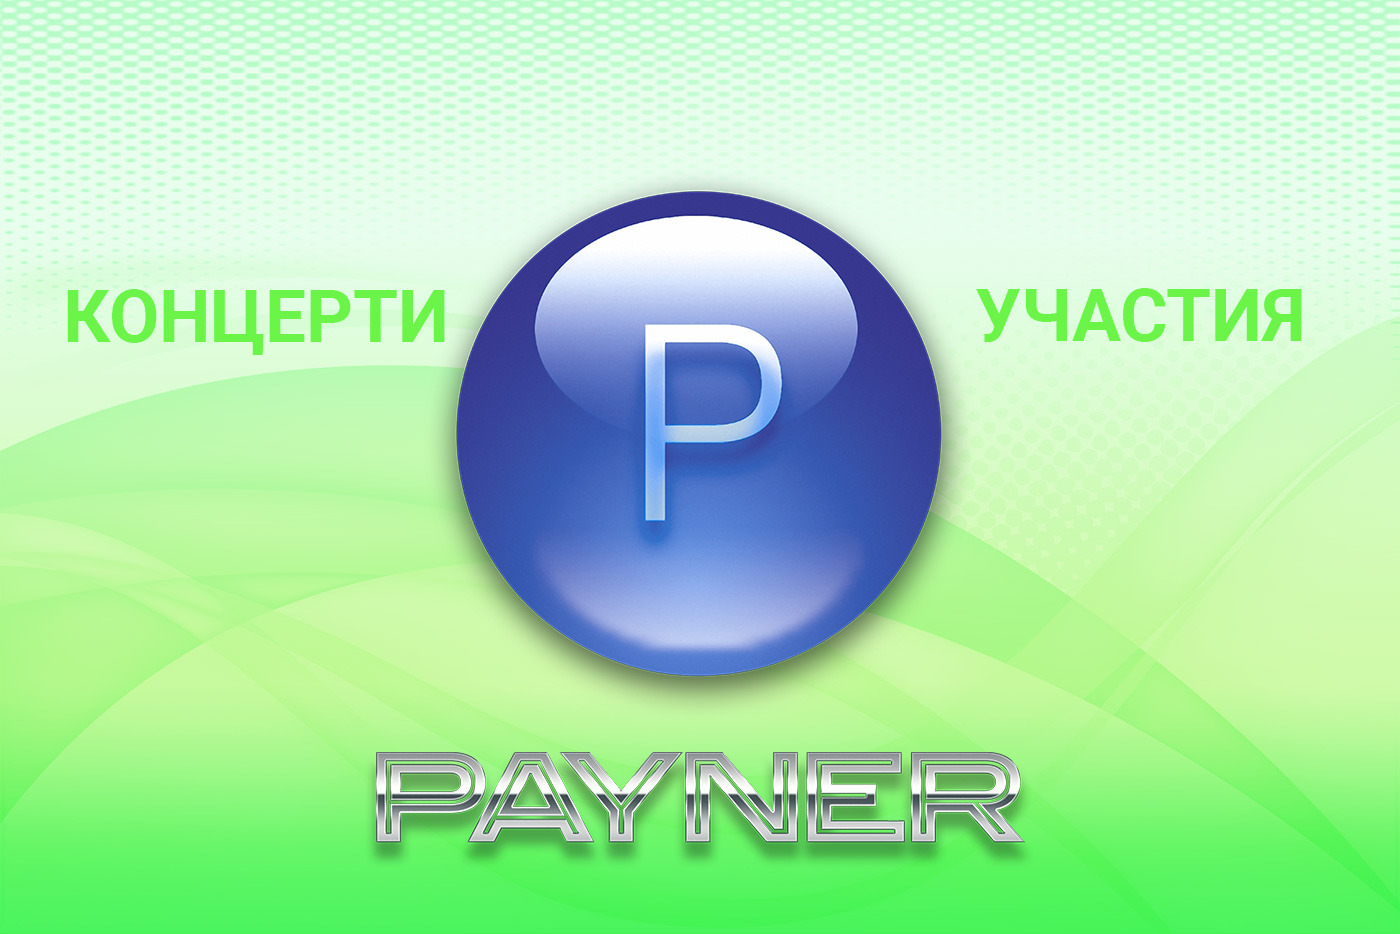 """Участия на звездите на """"Пайнер"""" на 24.01.2019"""